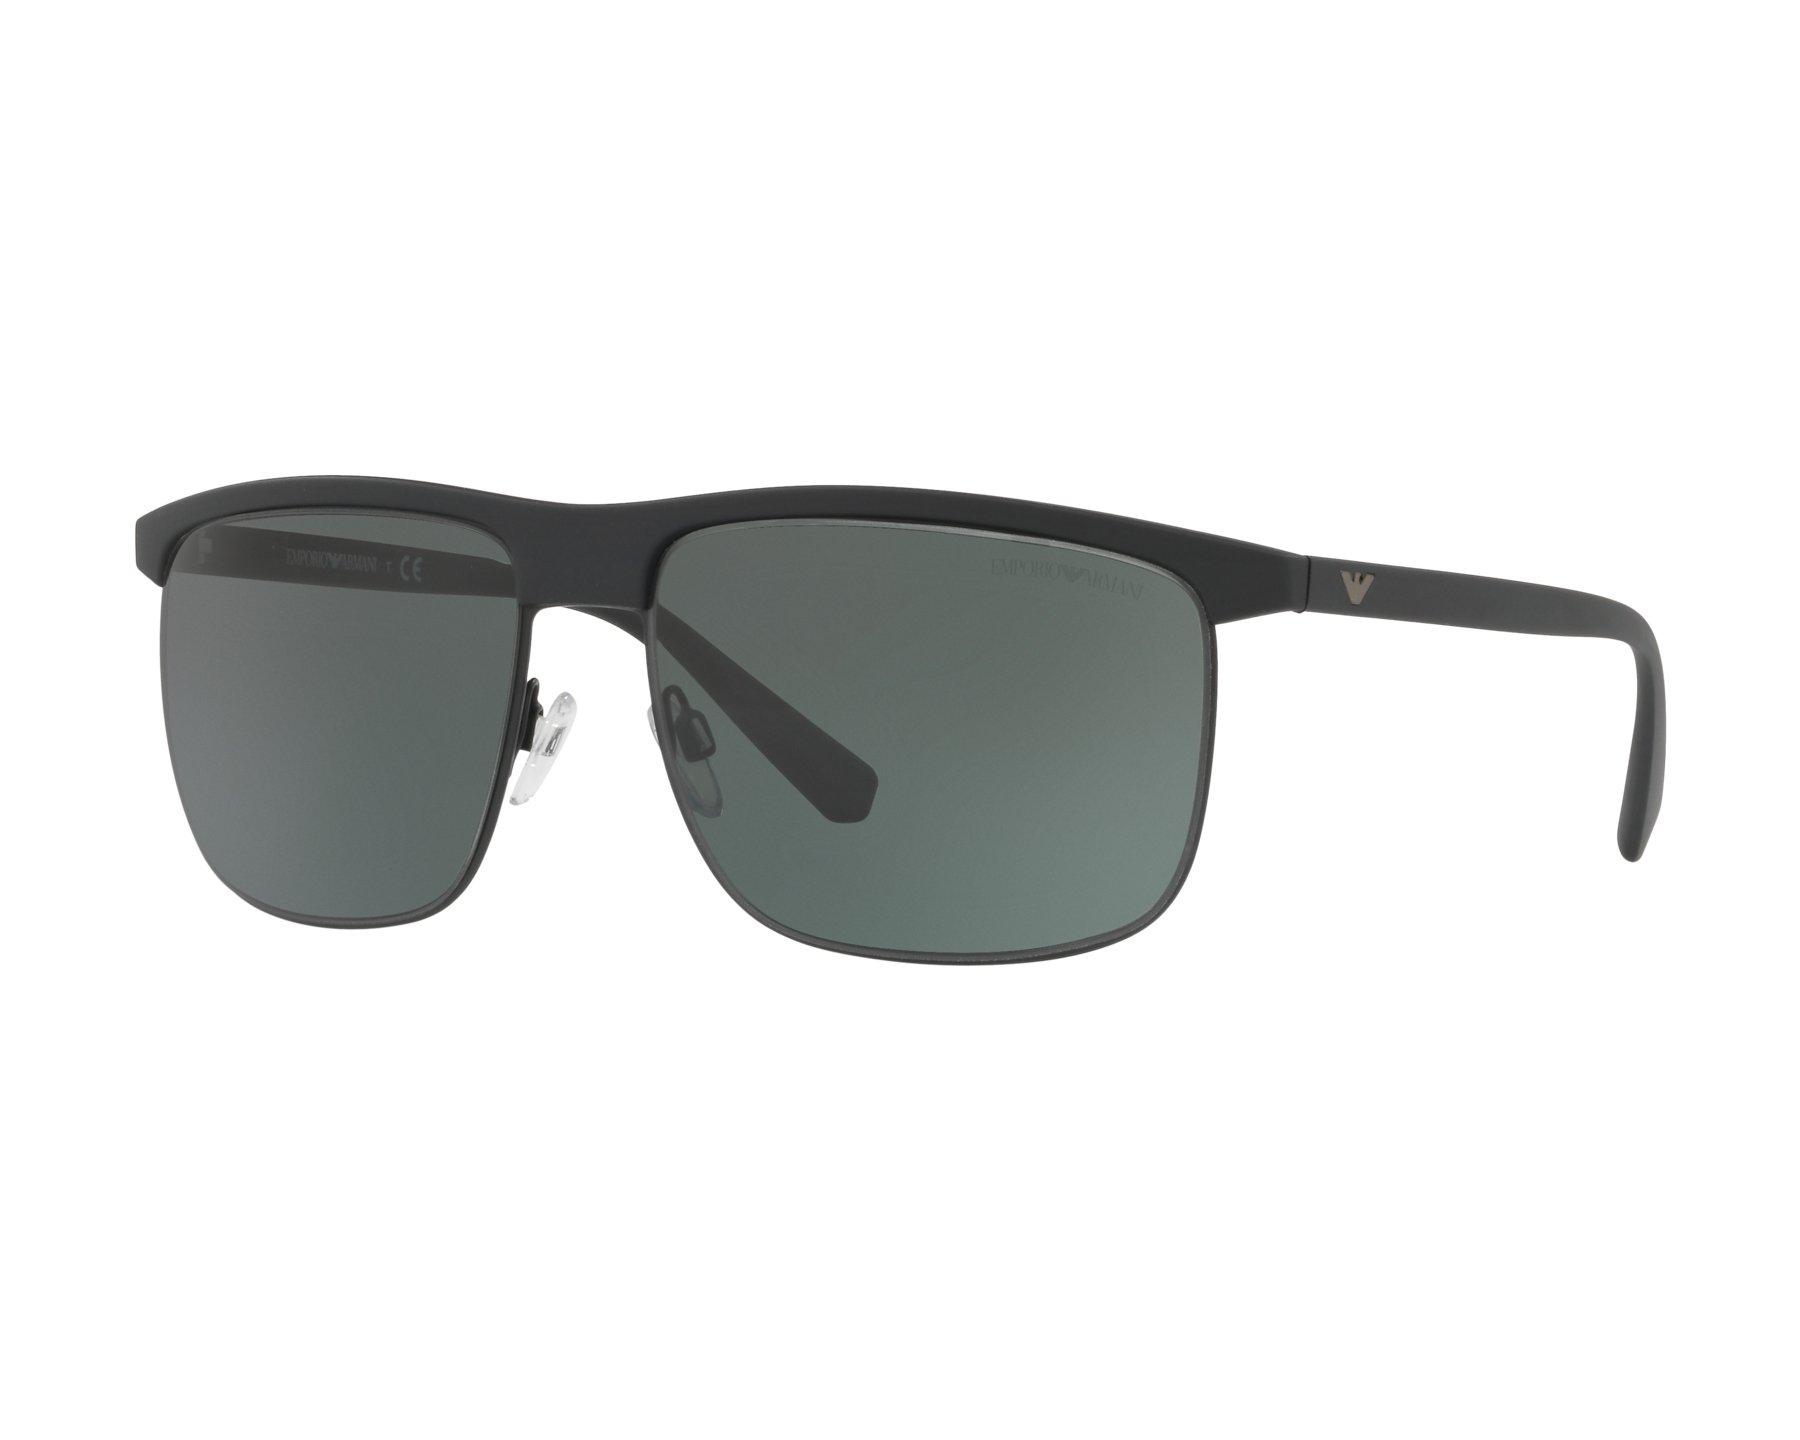 7e9a0059985 Sunglasses Emporio Armani EA-4108 504271 60-16 Black Gun